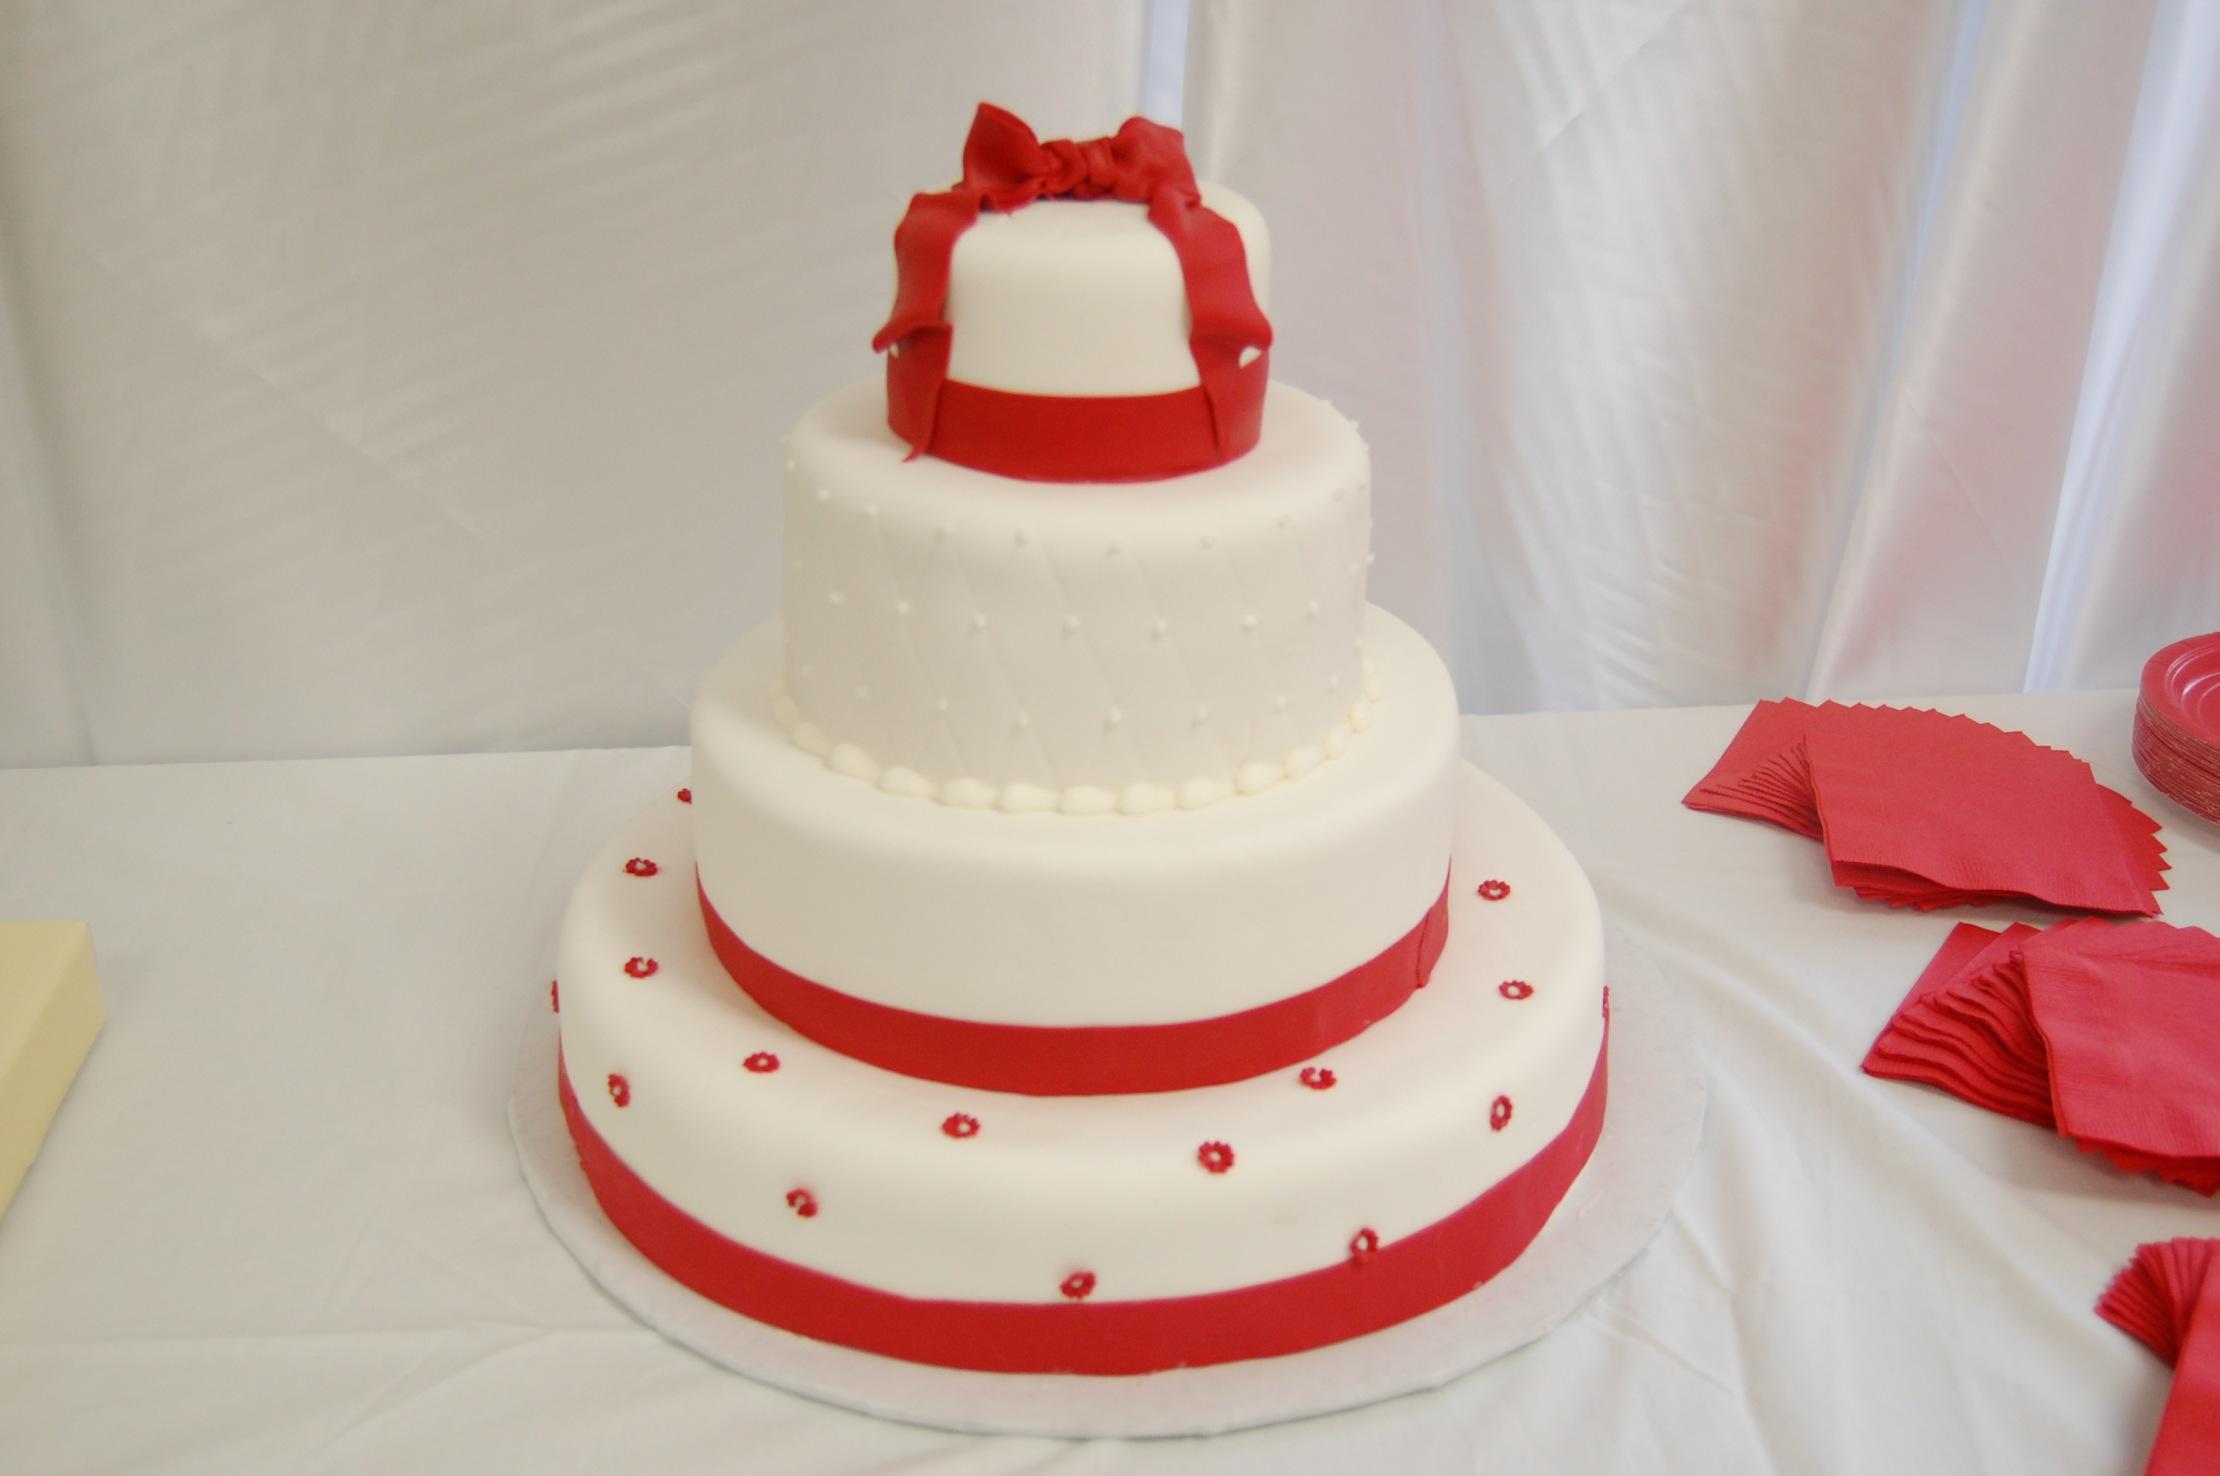 Red & White WeddingCake